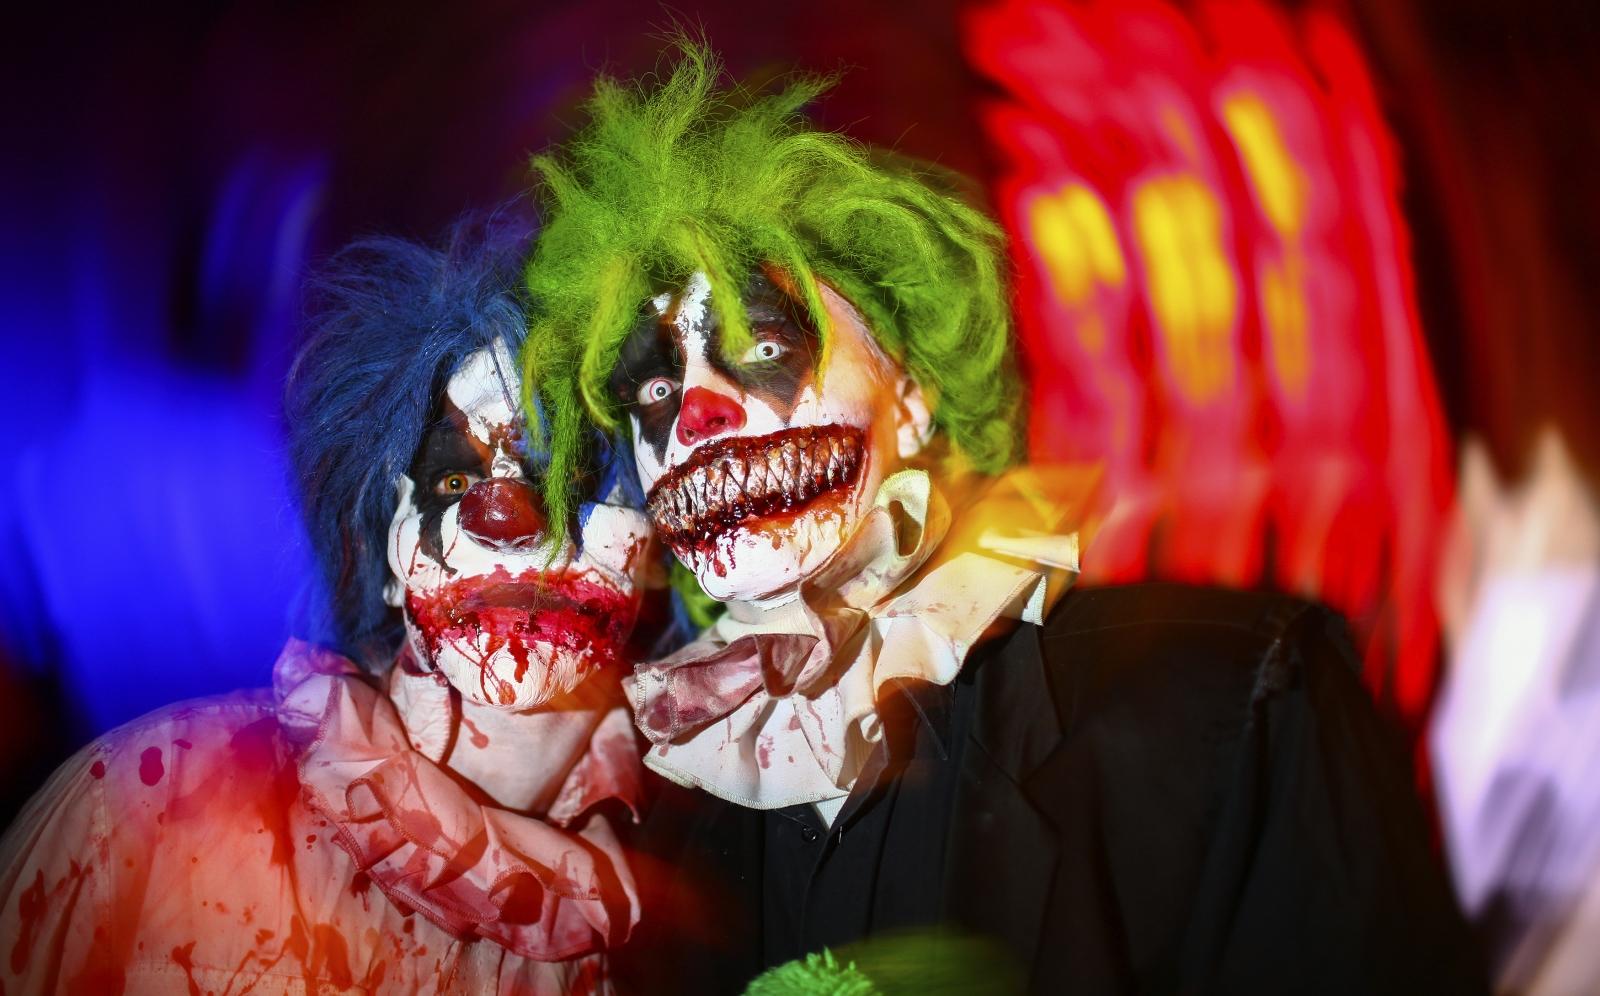 horror clown Evil France